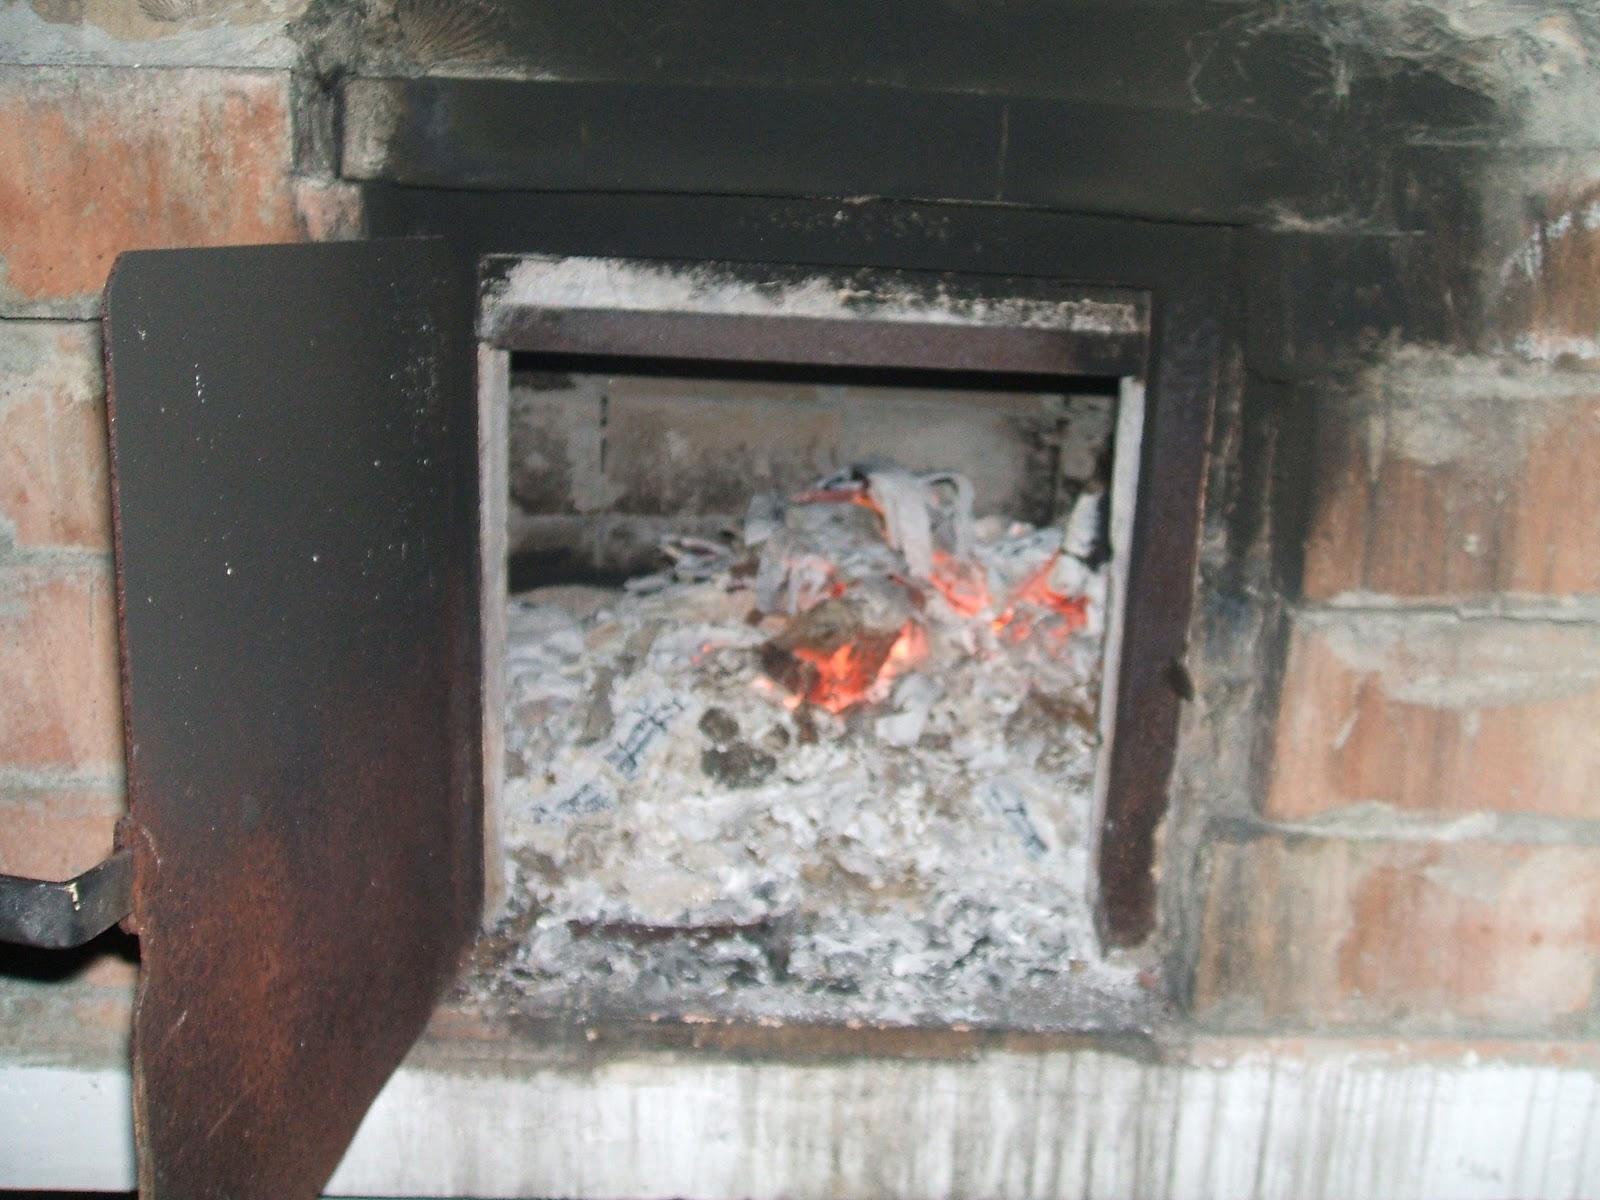 Las cosas de nieves mi horno de le a - Cocinar en horno de lena ...